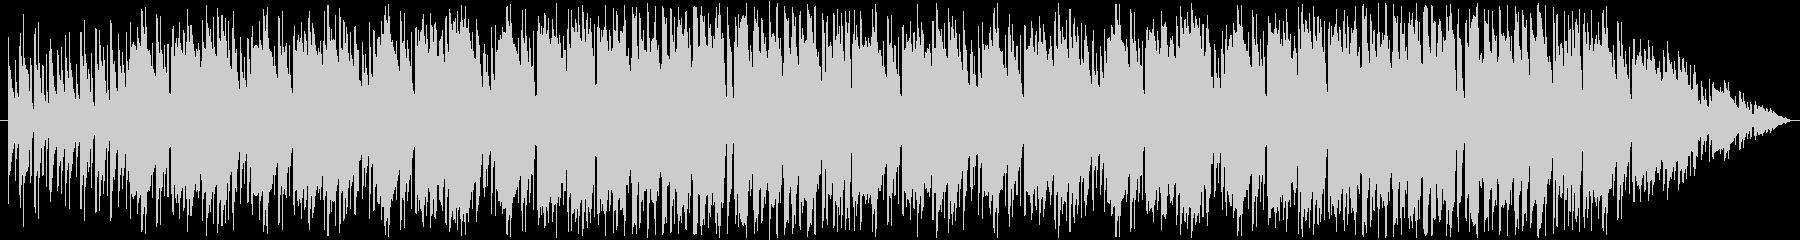 ほのぼのパズルゲーム向け日常BGMの未再生の波形